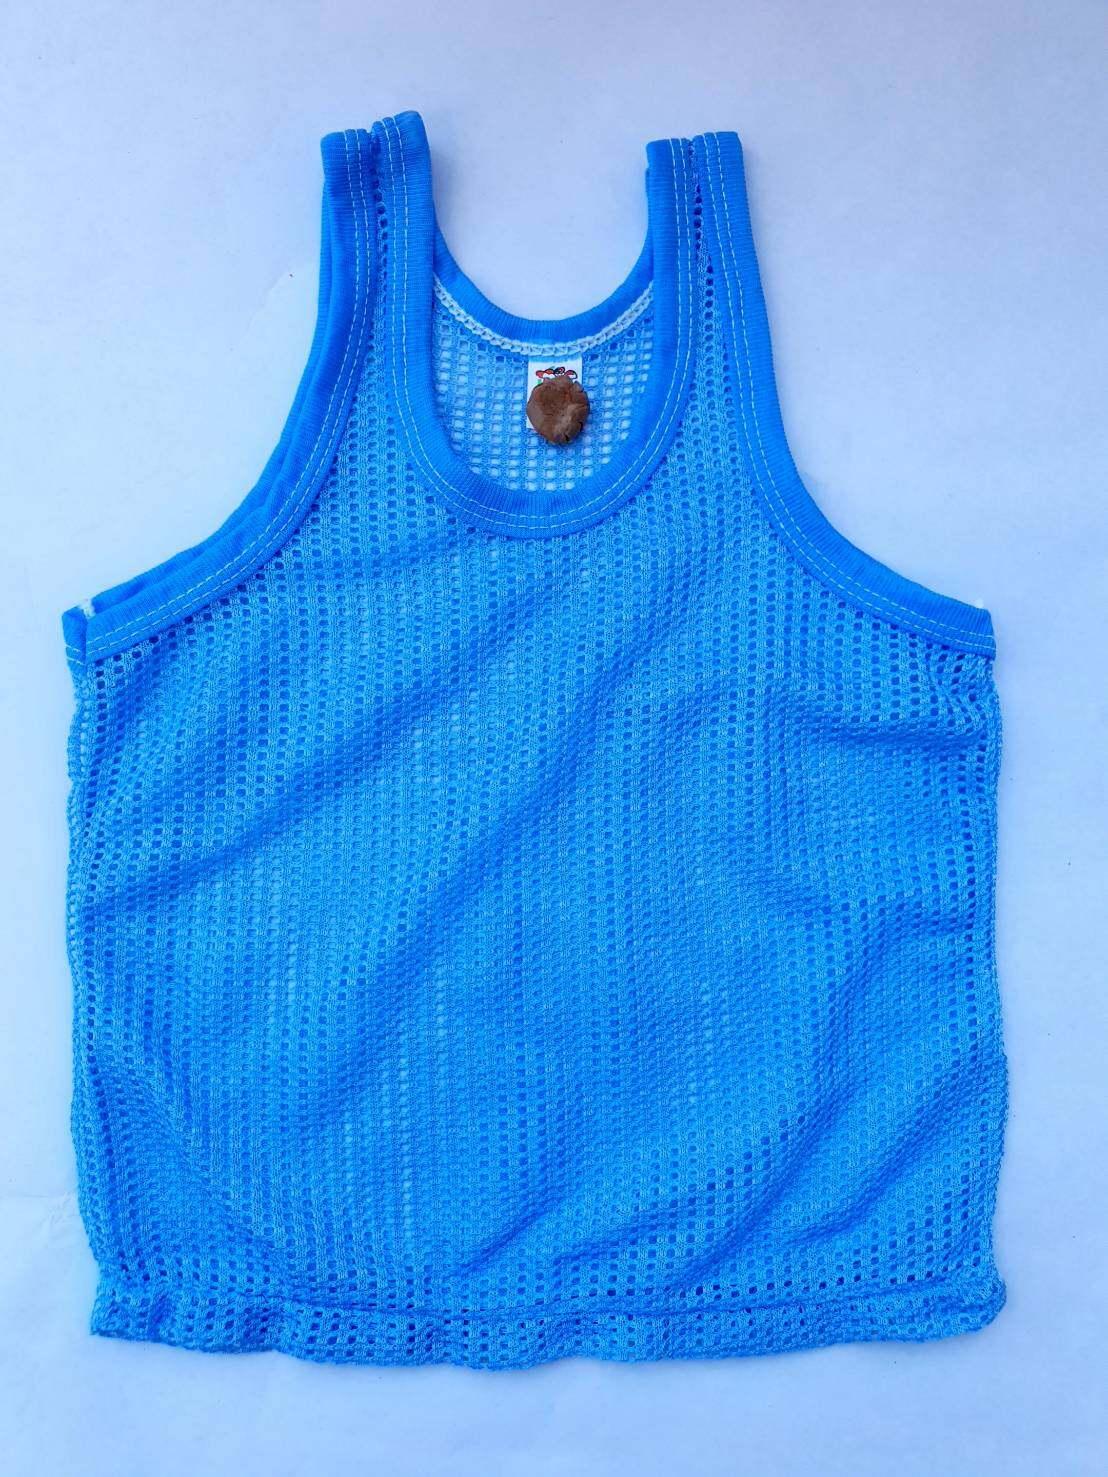 เสื้อกล้ามสำหรับเด็กแรกเกิด เด็กอ่อน เลือกสีได้ V28